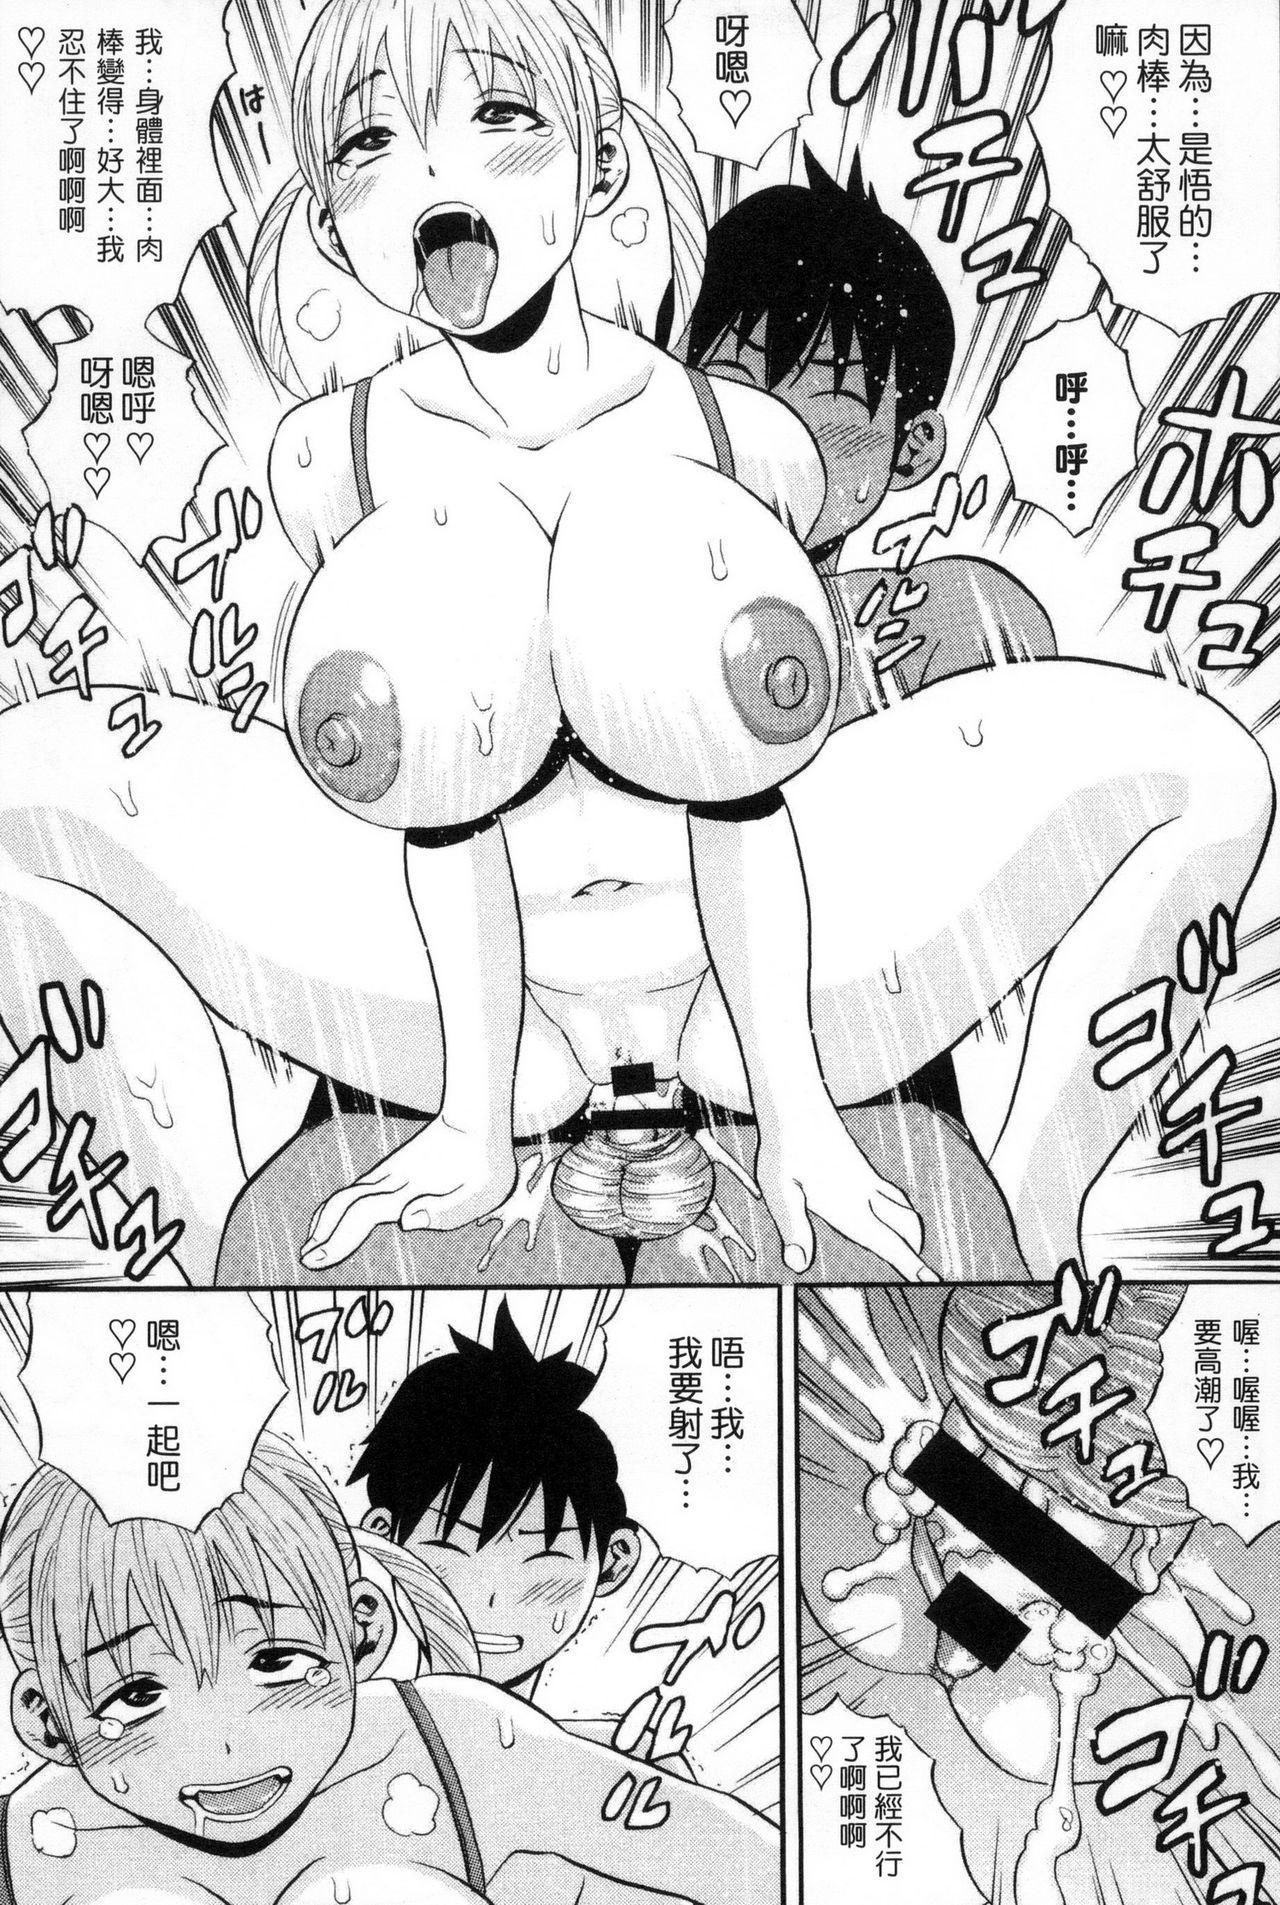 Getsu Ka Sui Moku Kin Do Ecchi 155